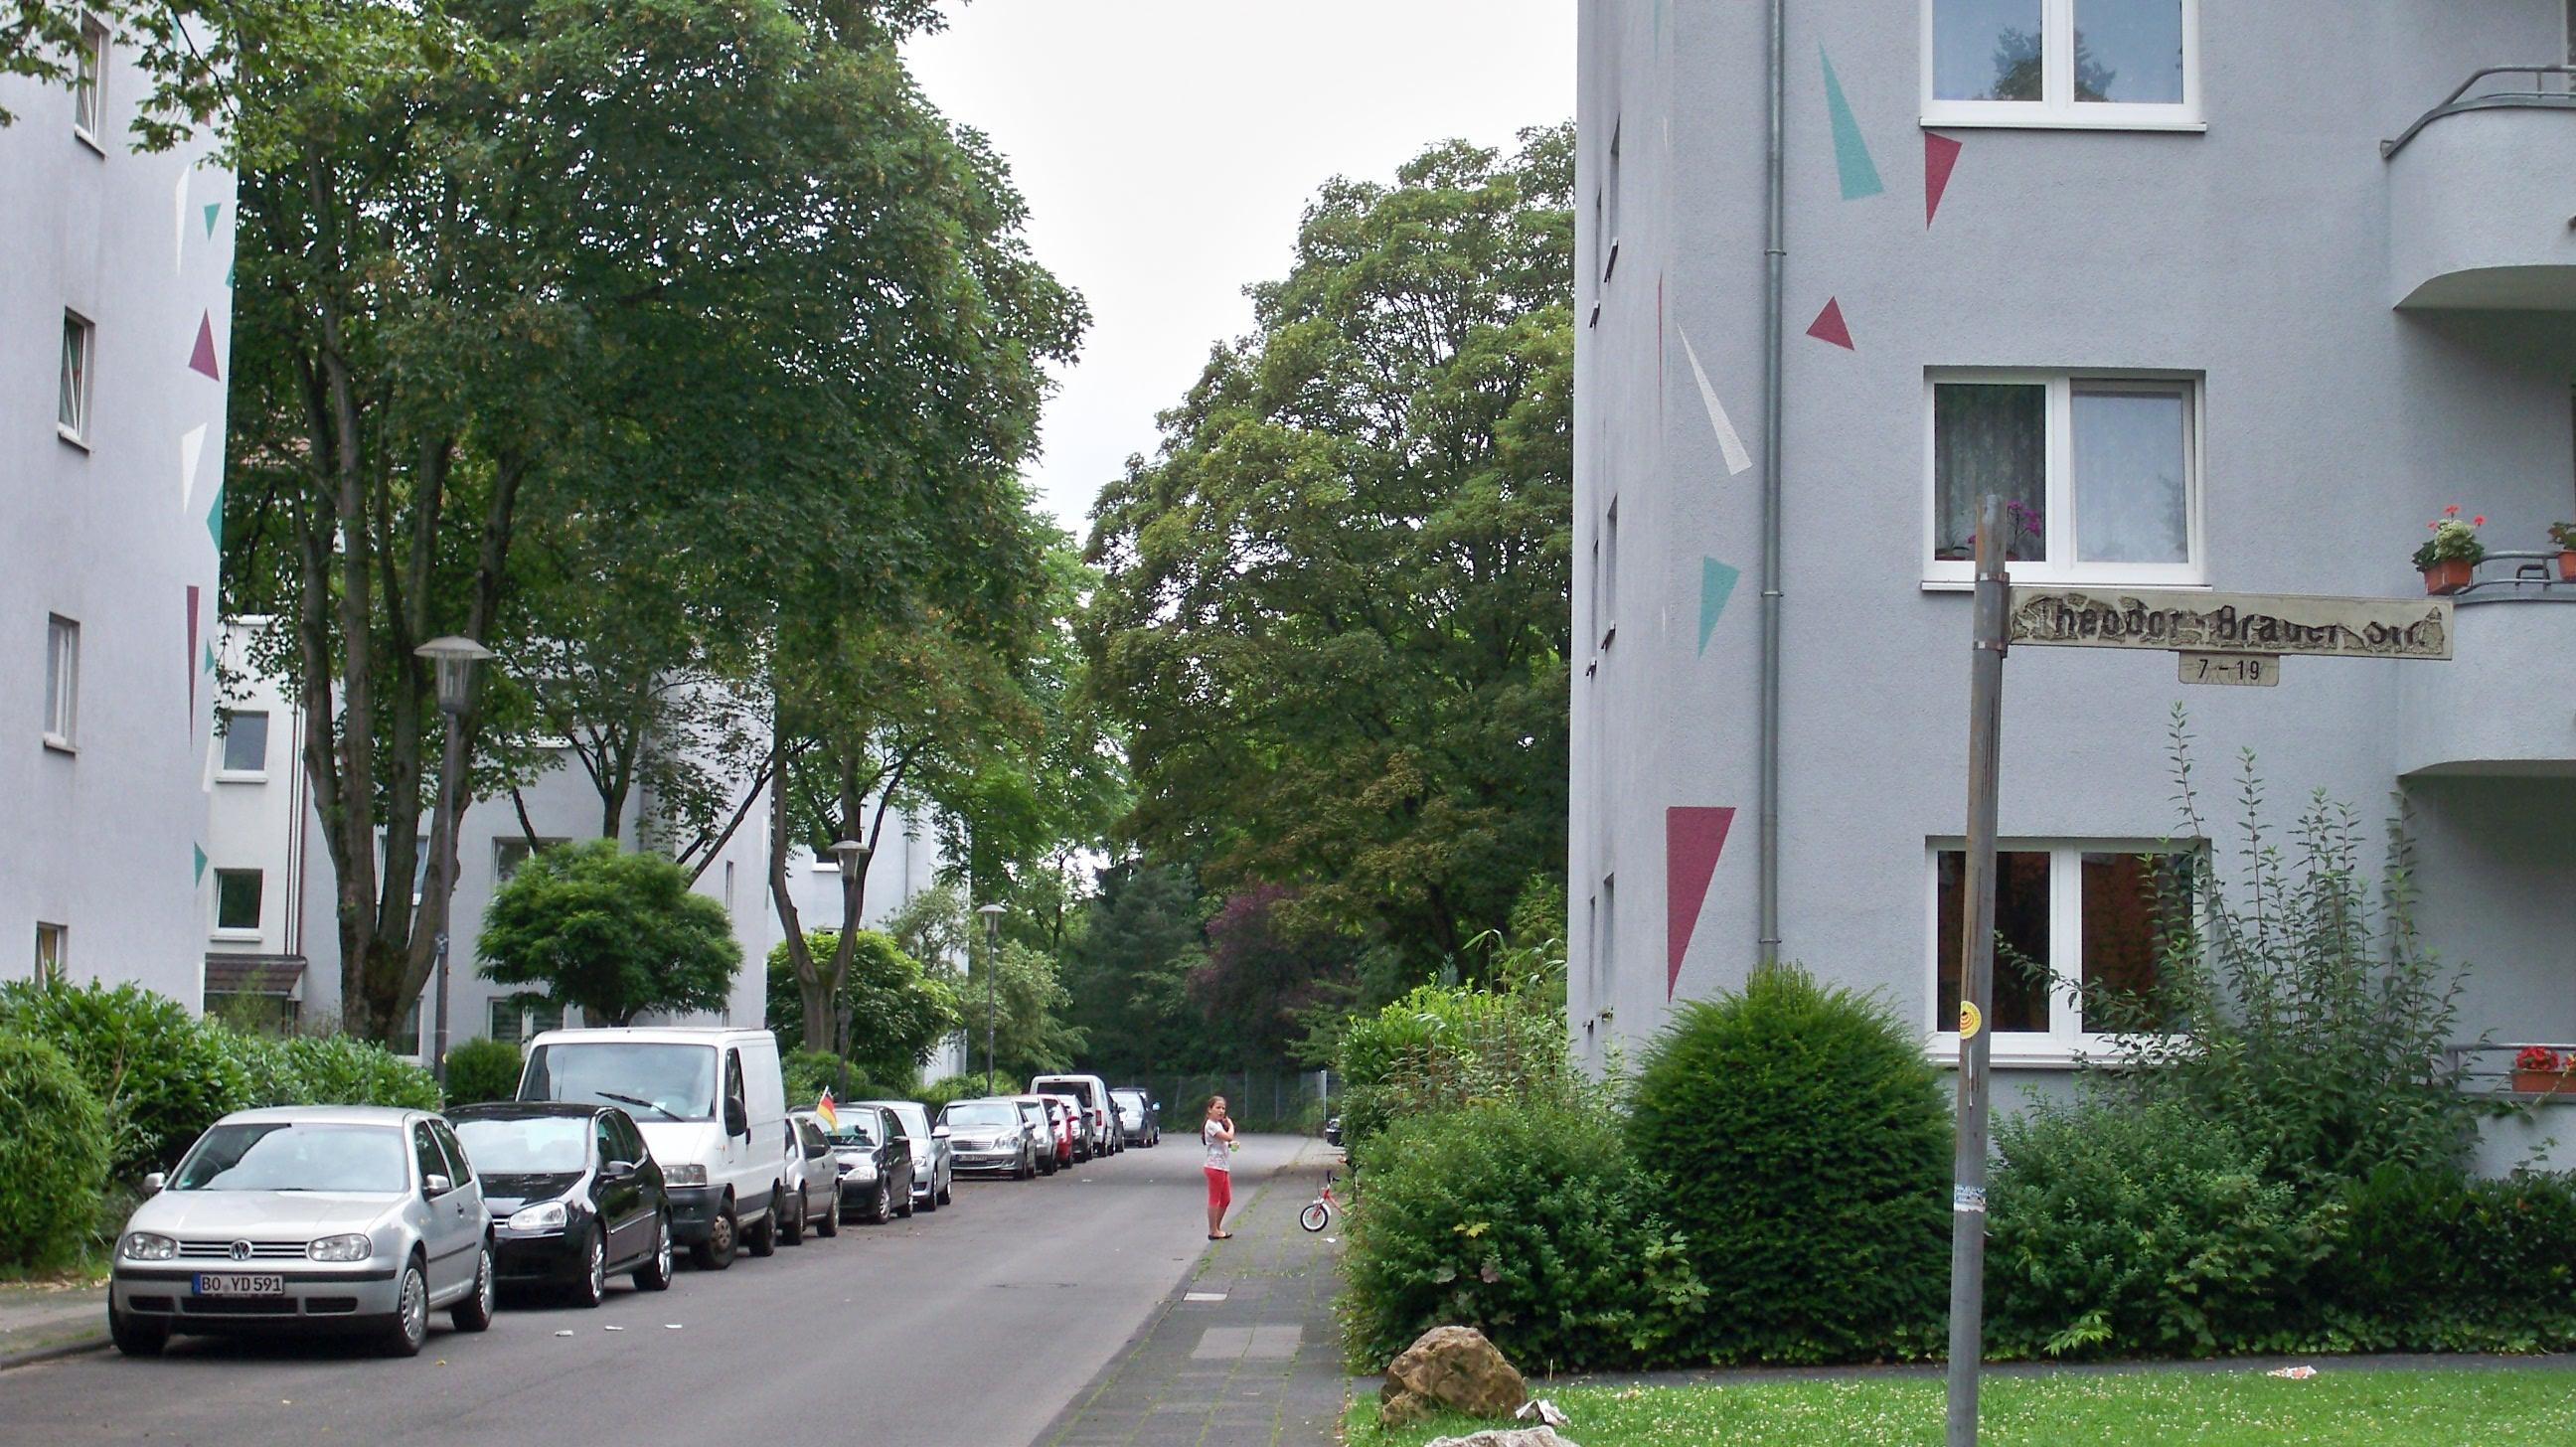 Die echte Brauerstraße in Köln wo die RTL-Serie Die Wache spielte © Landesblog NRW